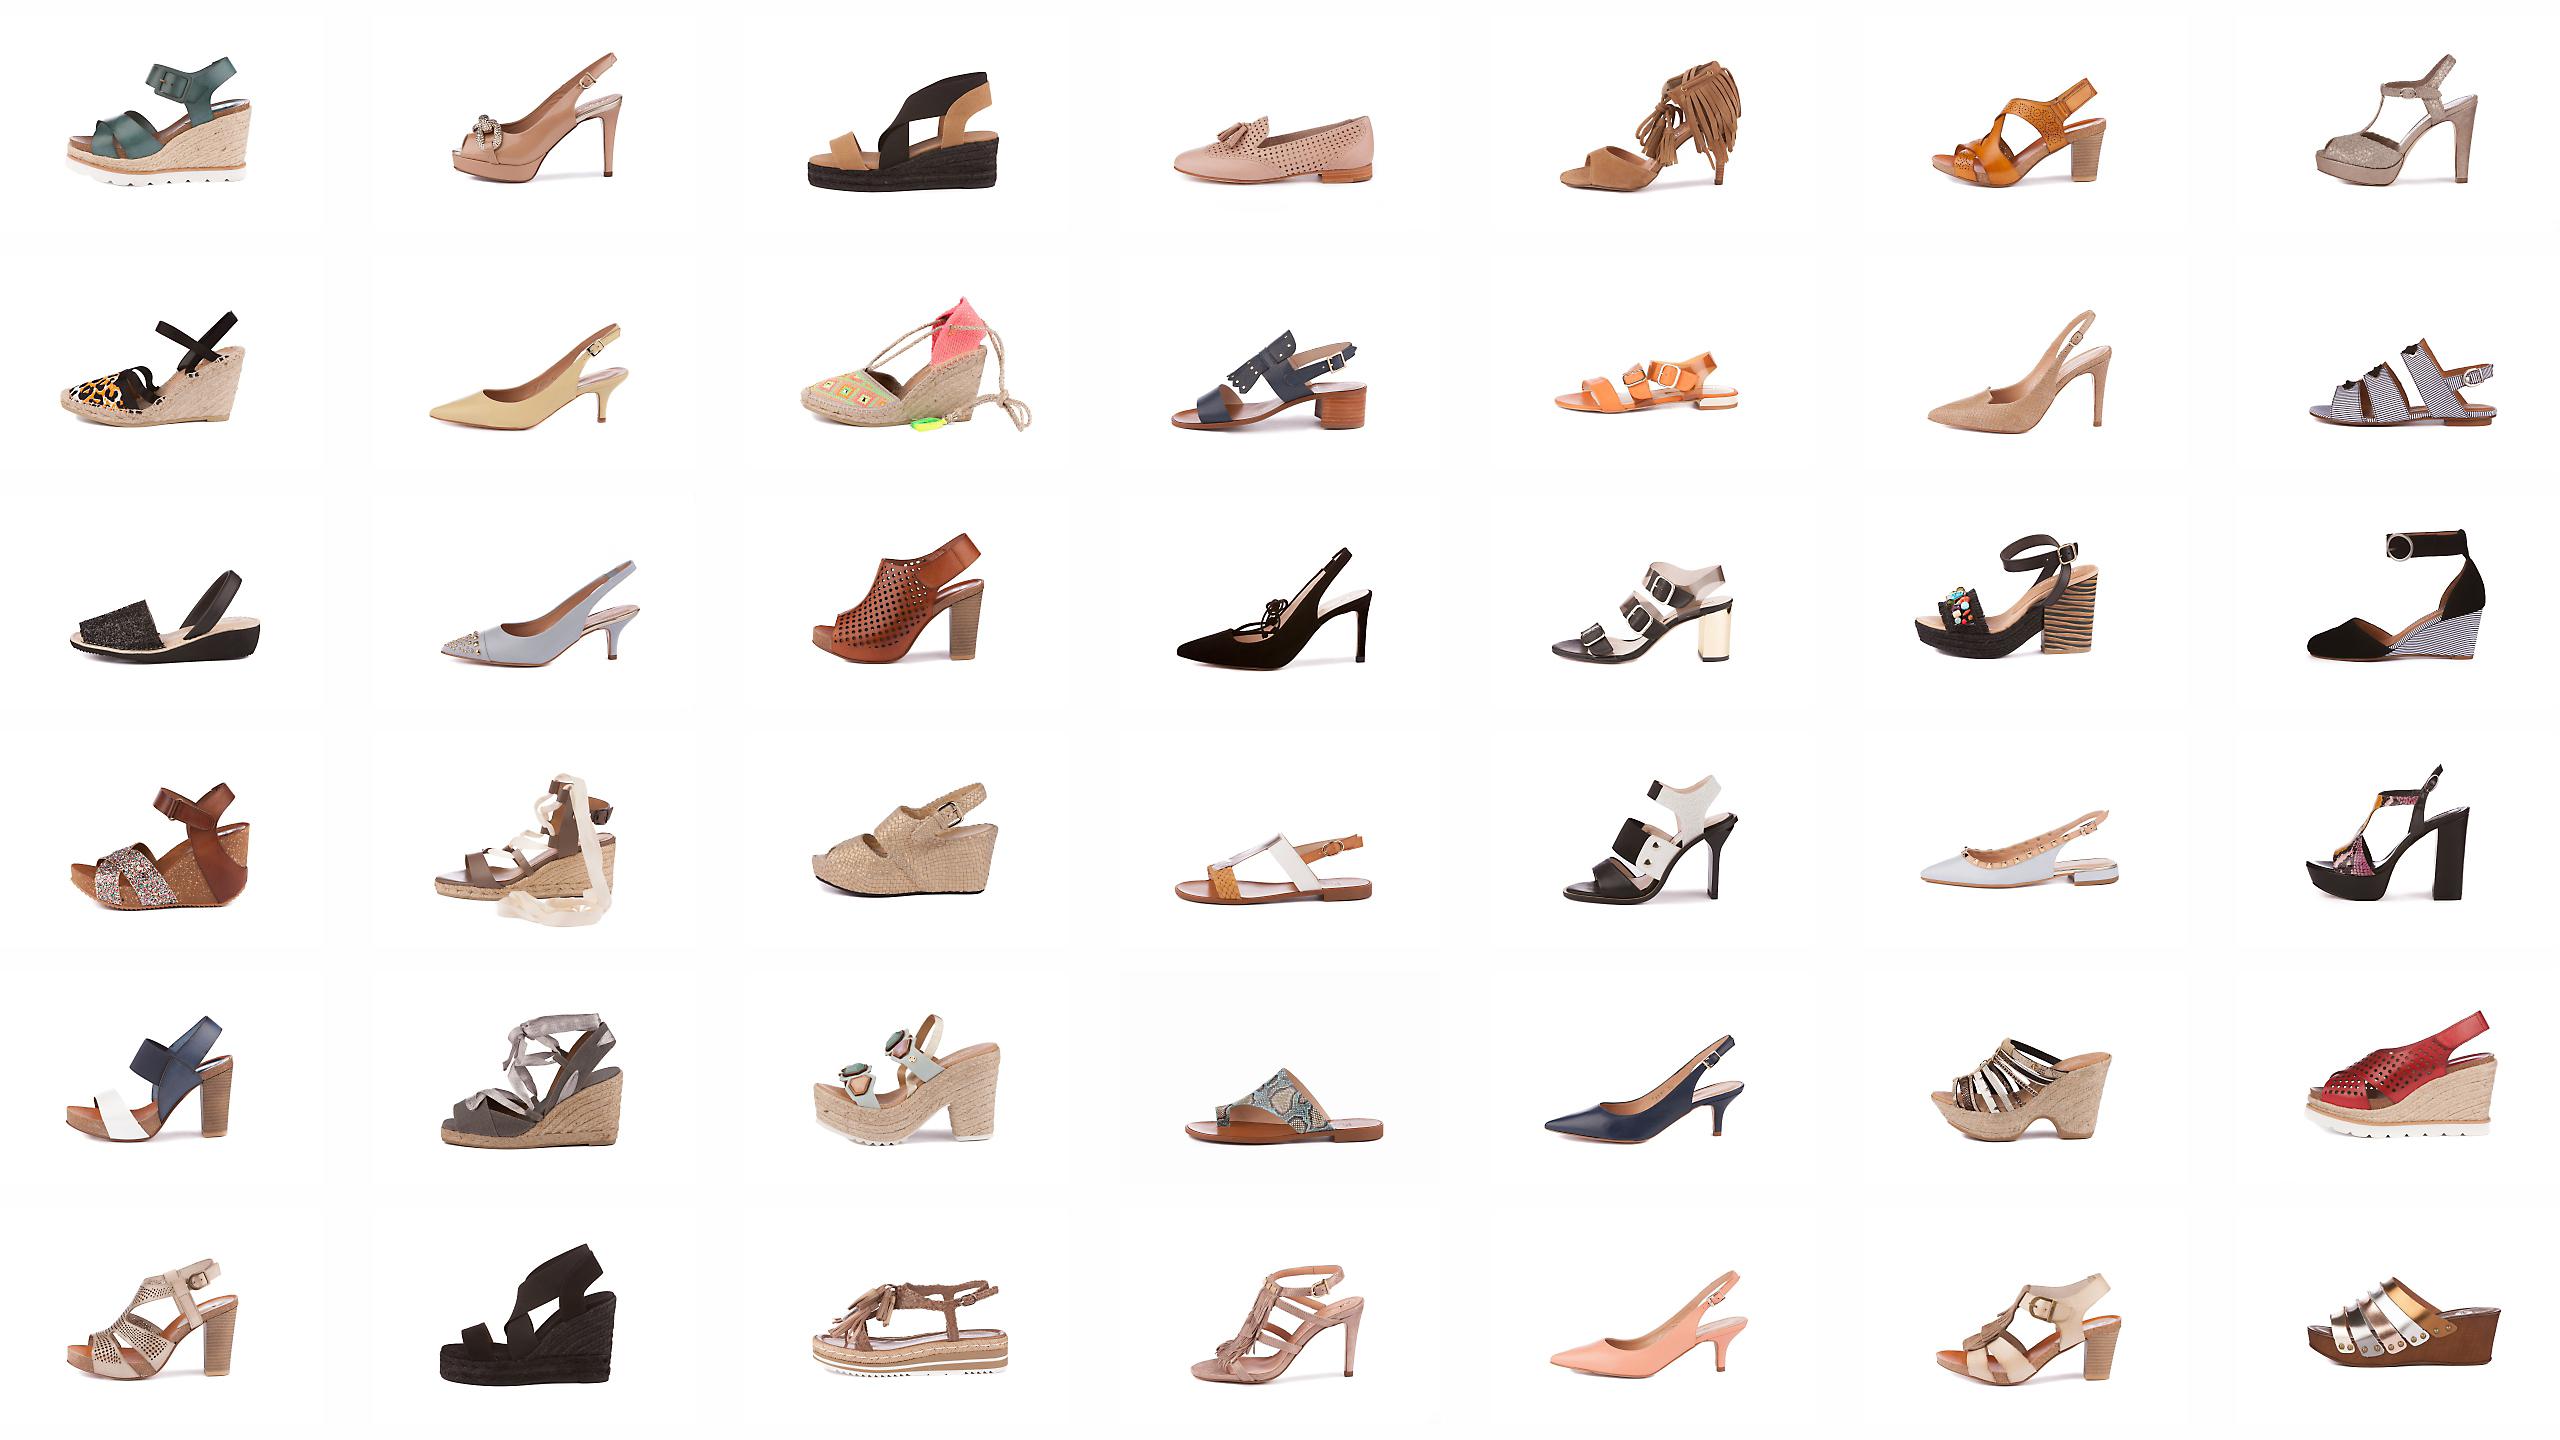 producto 52 cris&shoes